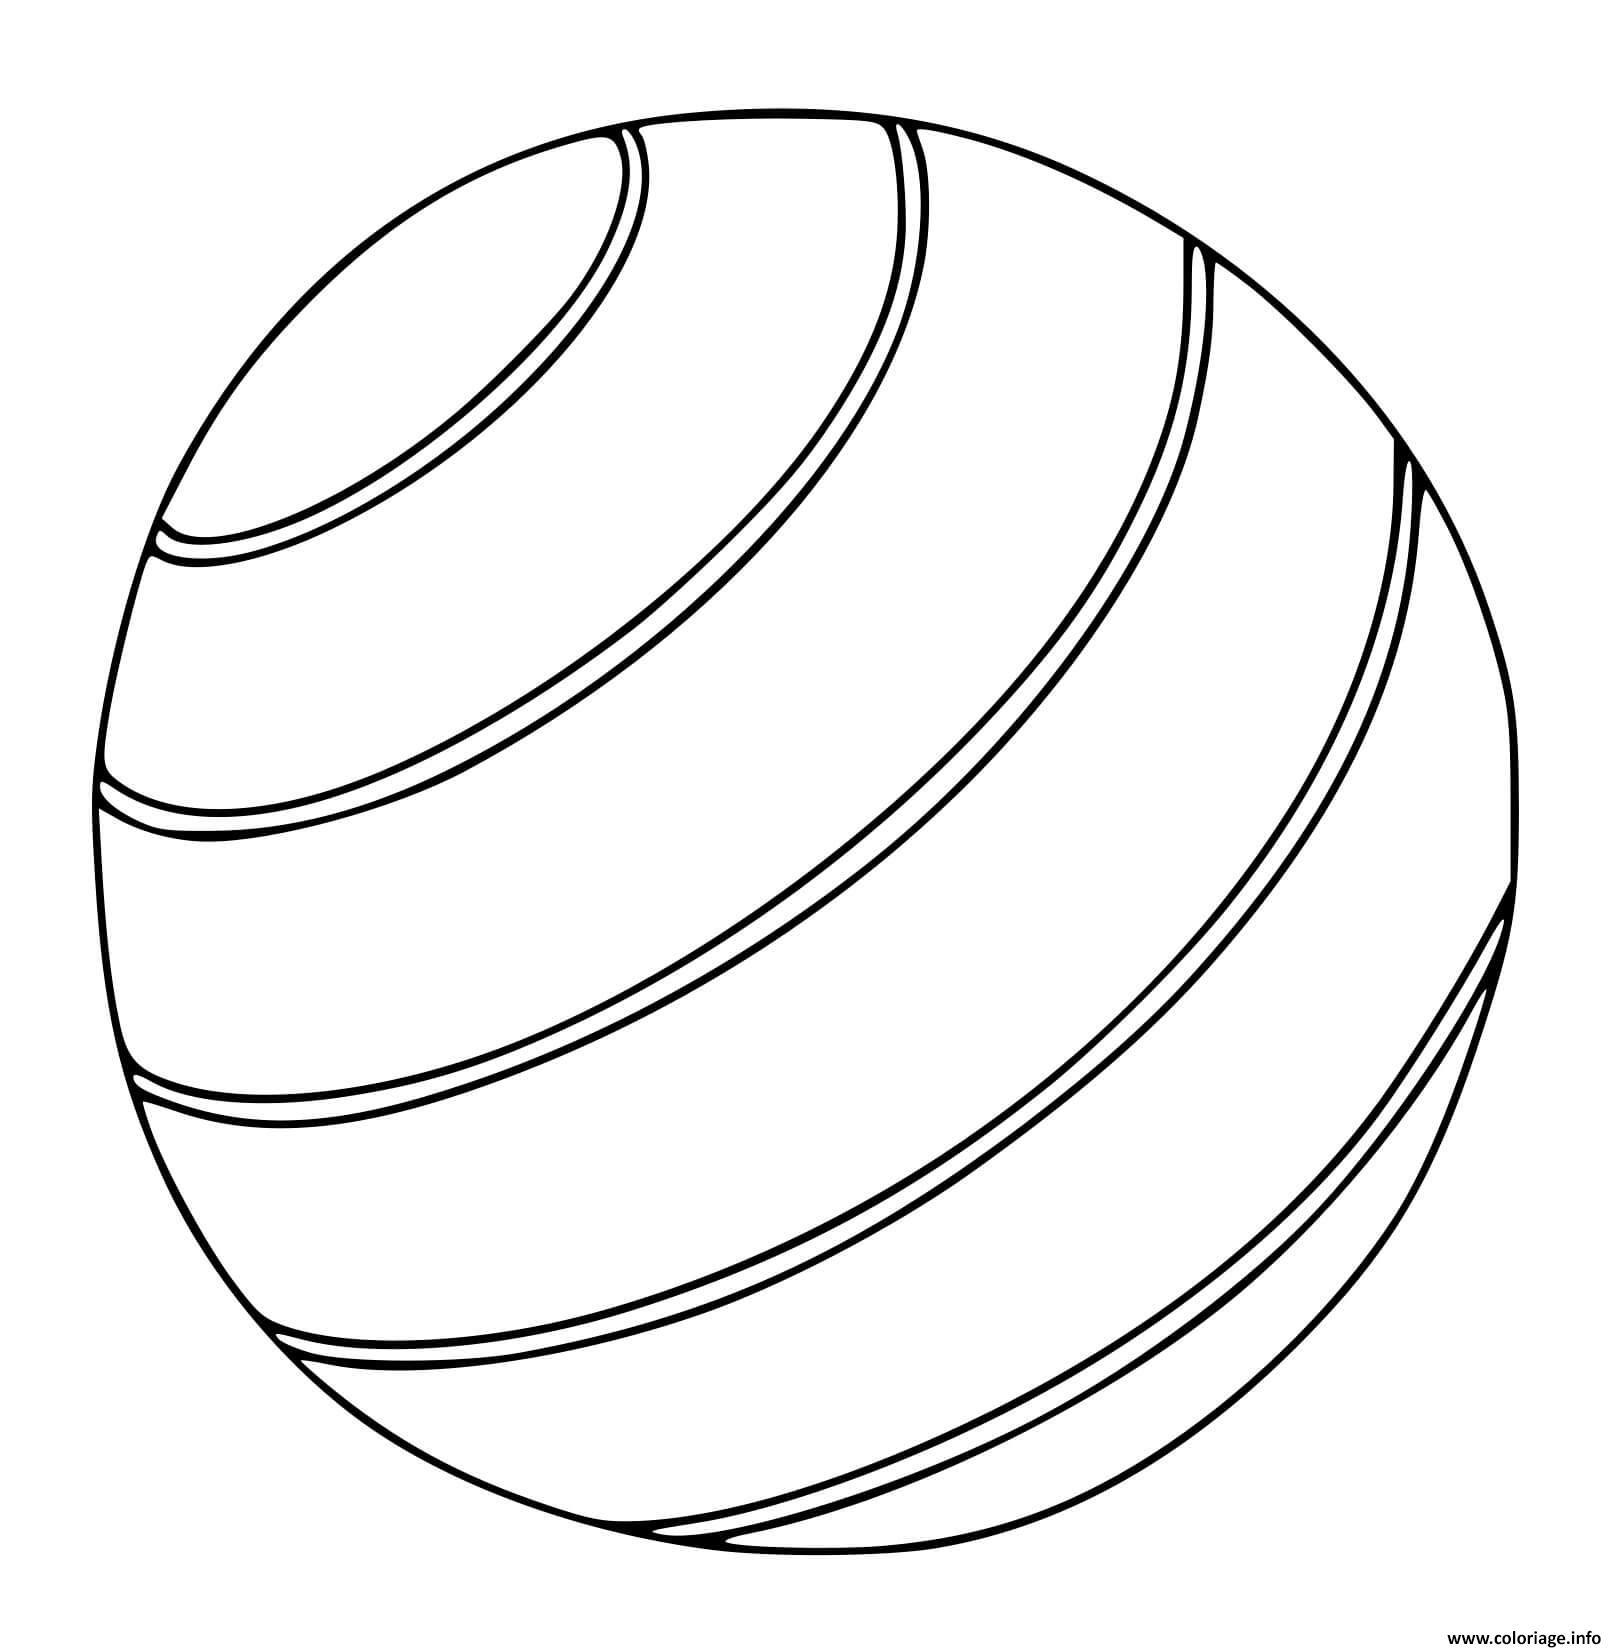 Dessin ballon Coloriage Gratuit à Imprimer